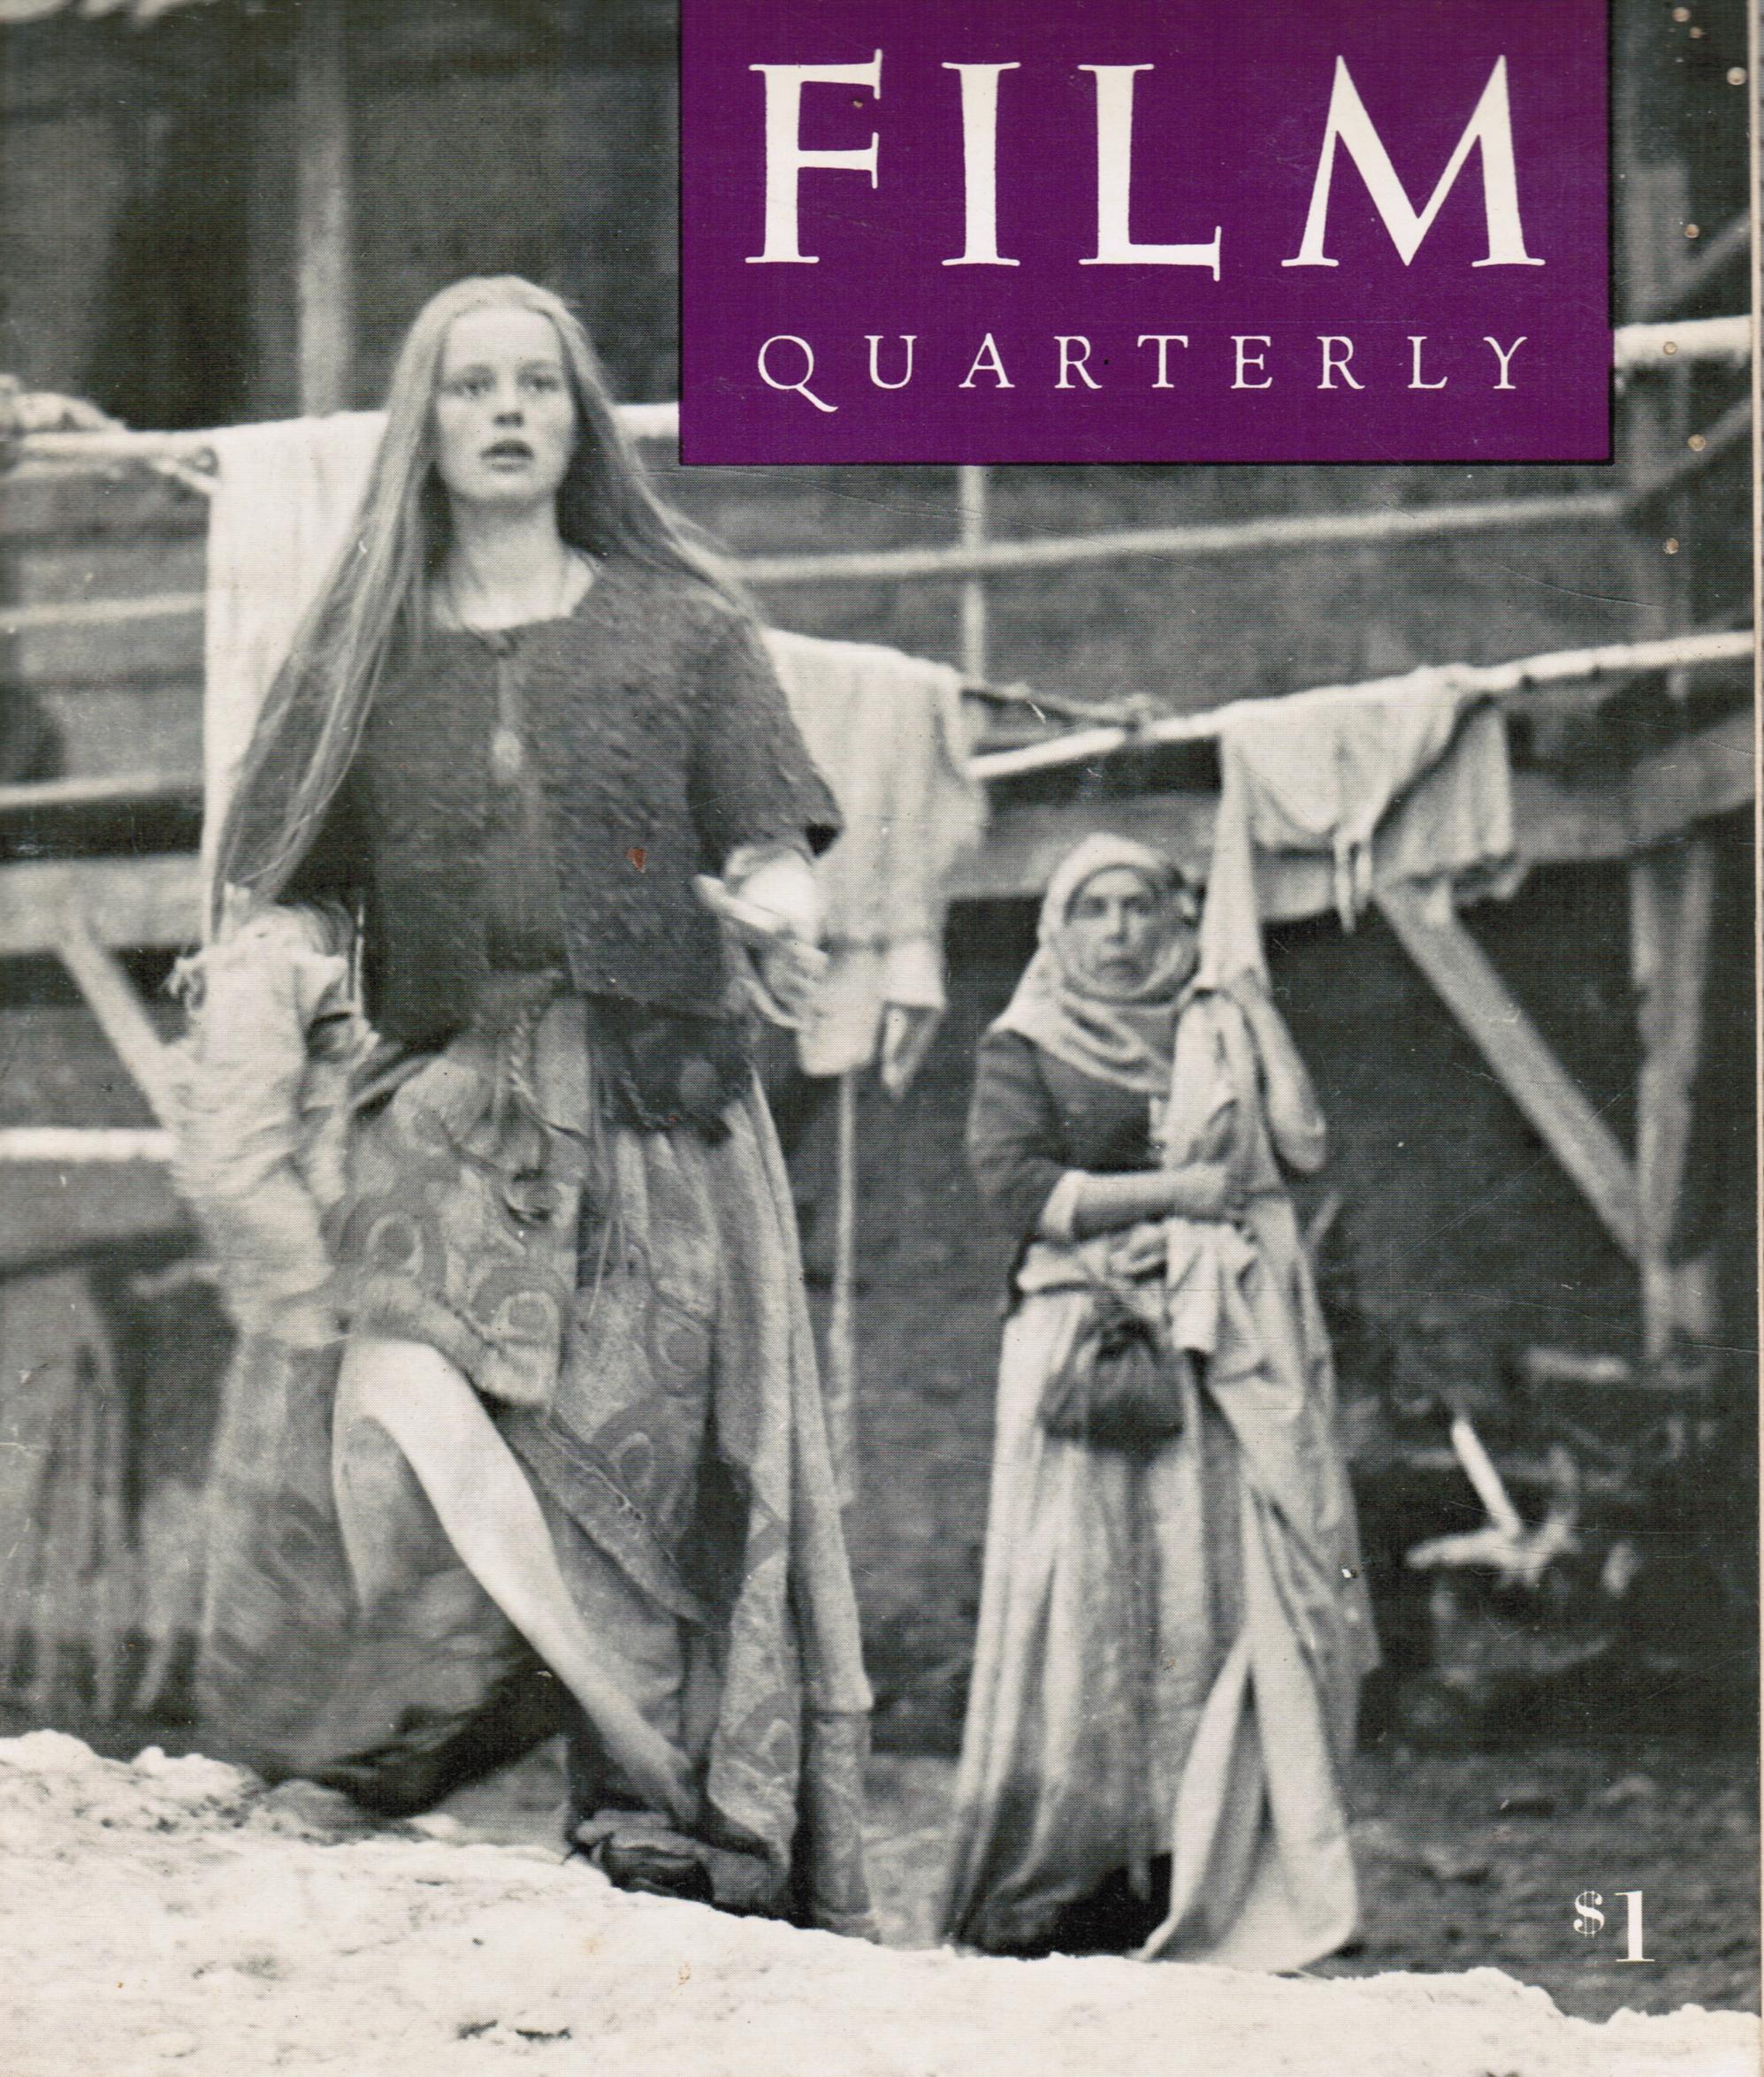 Image for Film Quarterly, Vol. 22, No. 4 Summer, 1969